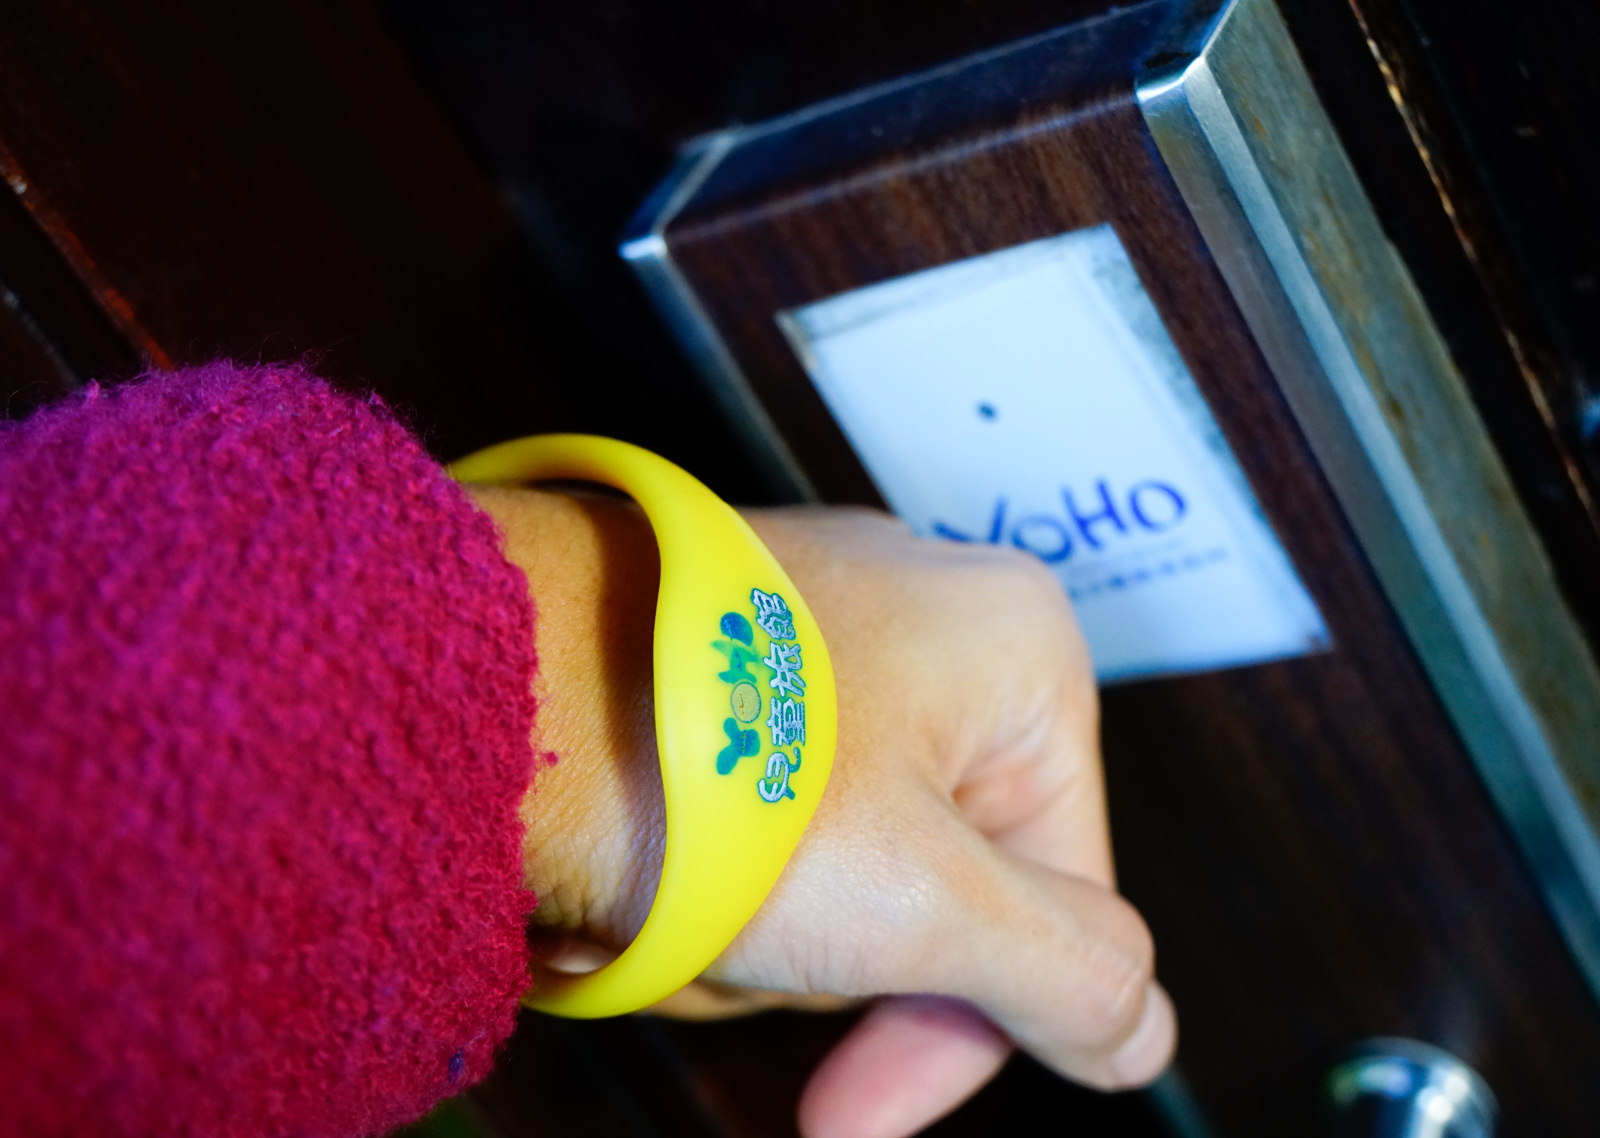 [墾丁住宿]墾丁悠活渡假村YOHO Beach Resort-李安也來過! 巧克力旅館x超舒適樓中樓 絕美海灘夕陽景 墾丁住宿推薦 @美食好芃友